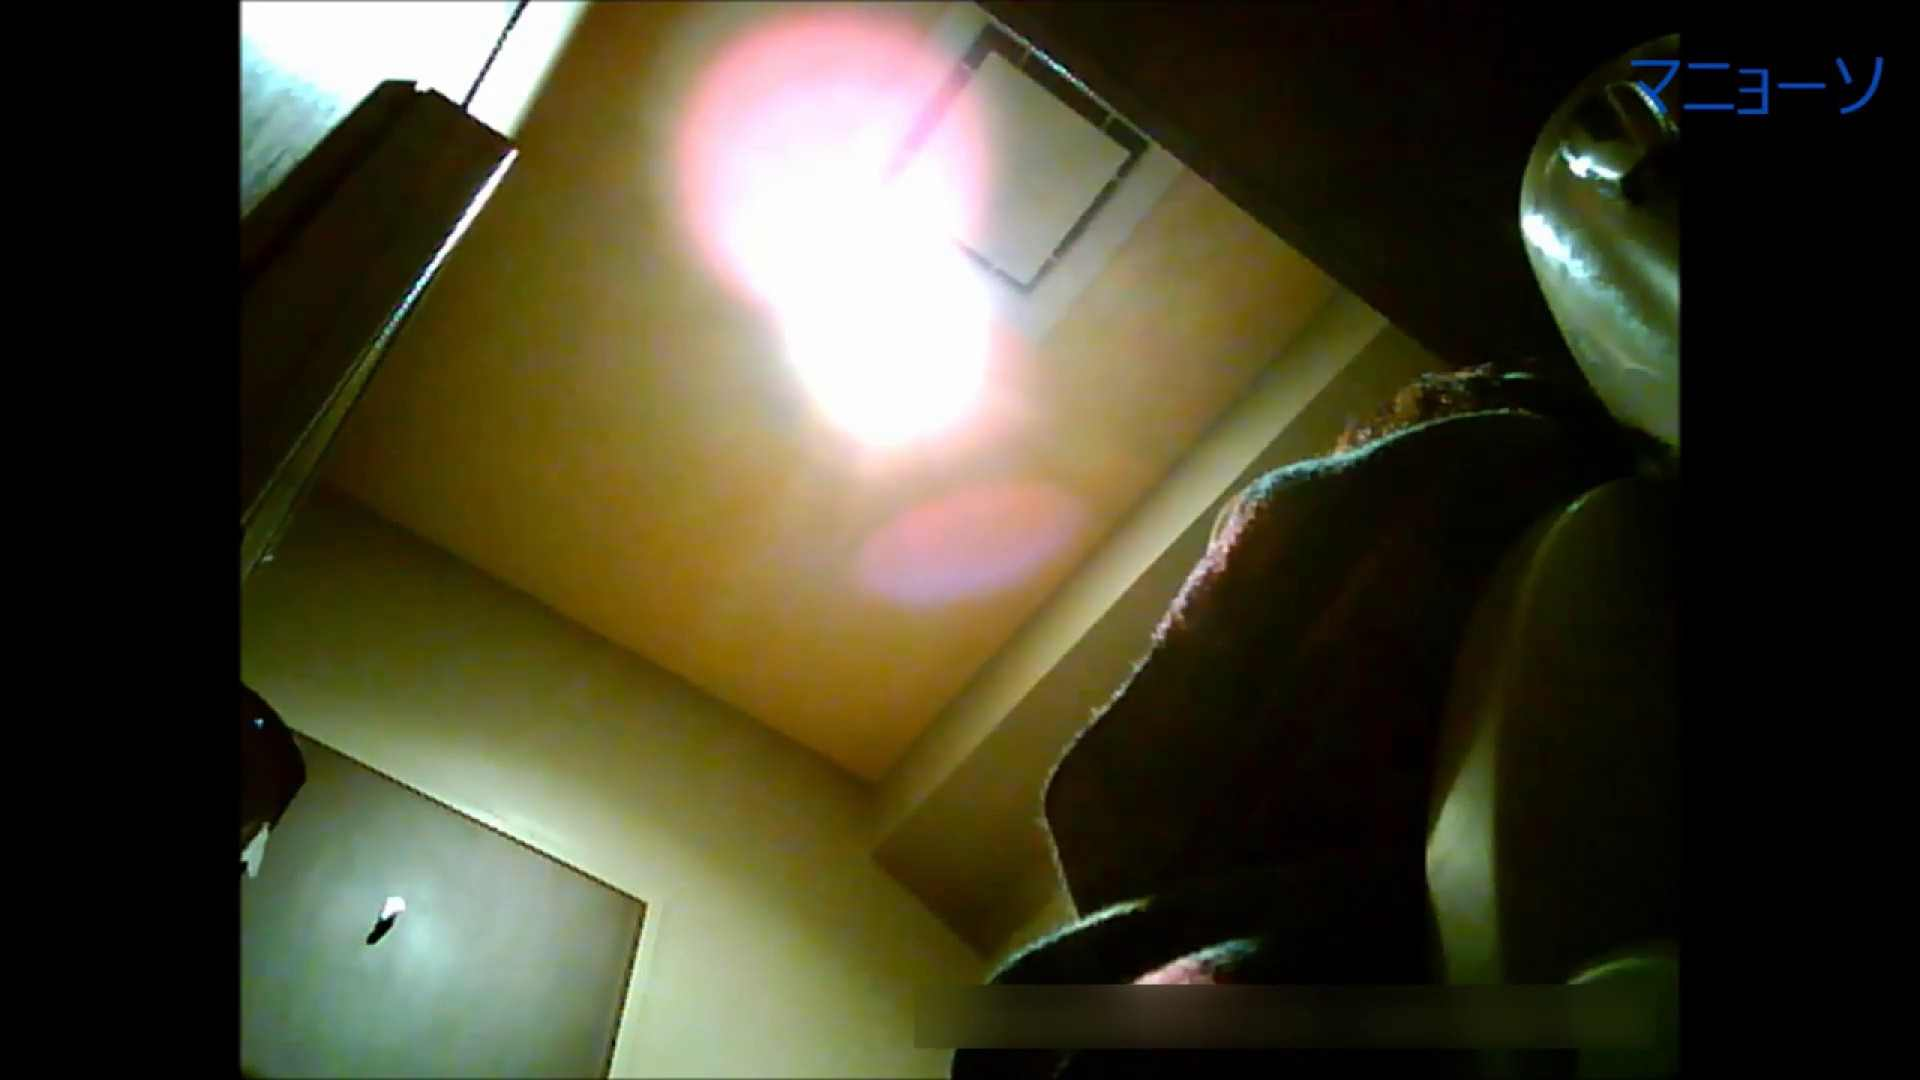 トイレでひと肌脱いでもらいました (JD編)Vol.02 トイレ  80pic 44